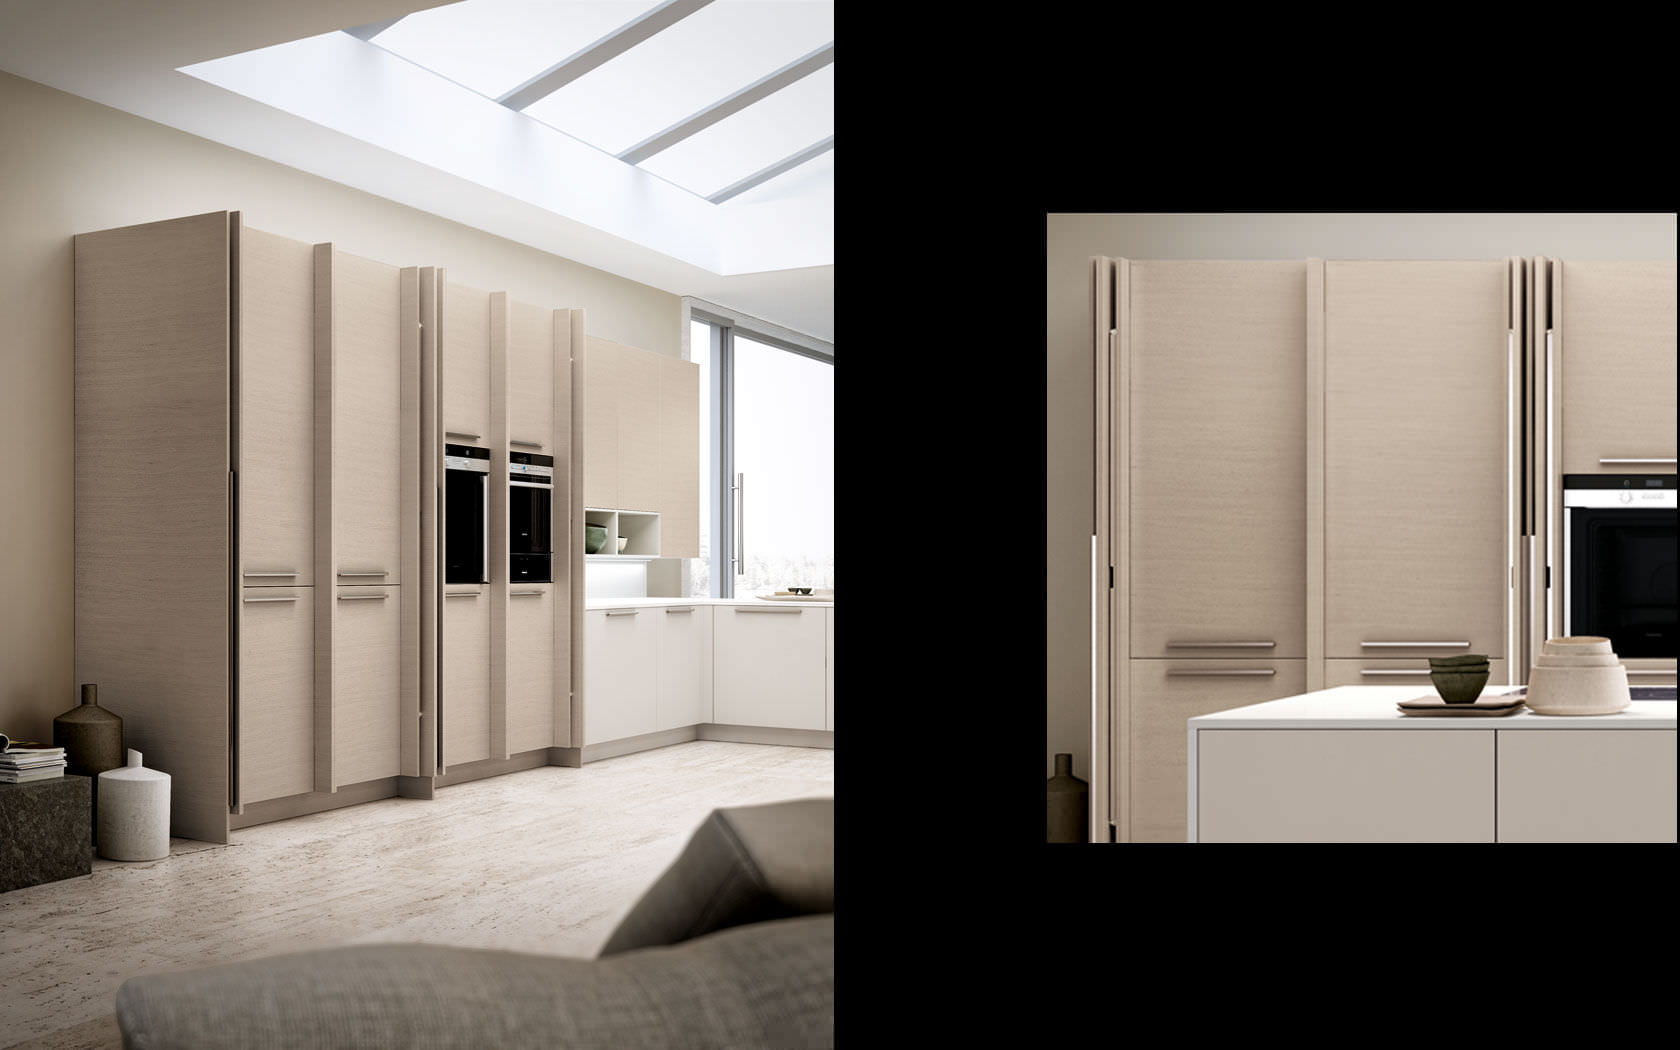 Mobile alto per cucina in legno - OPAL REGULA - Lineaquattro